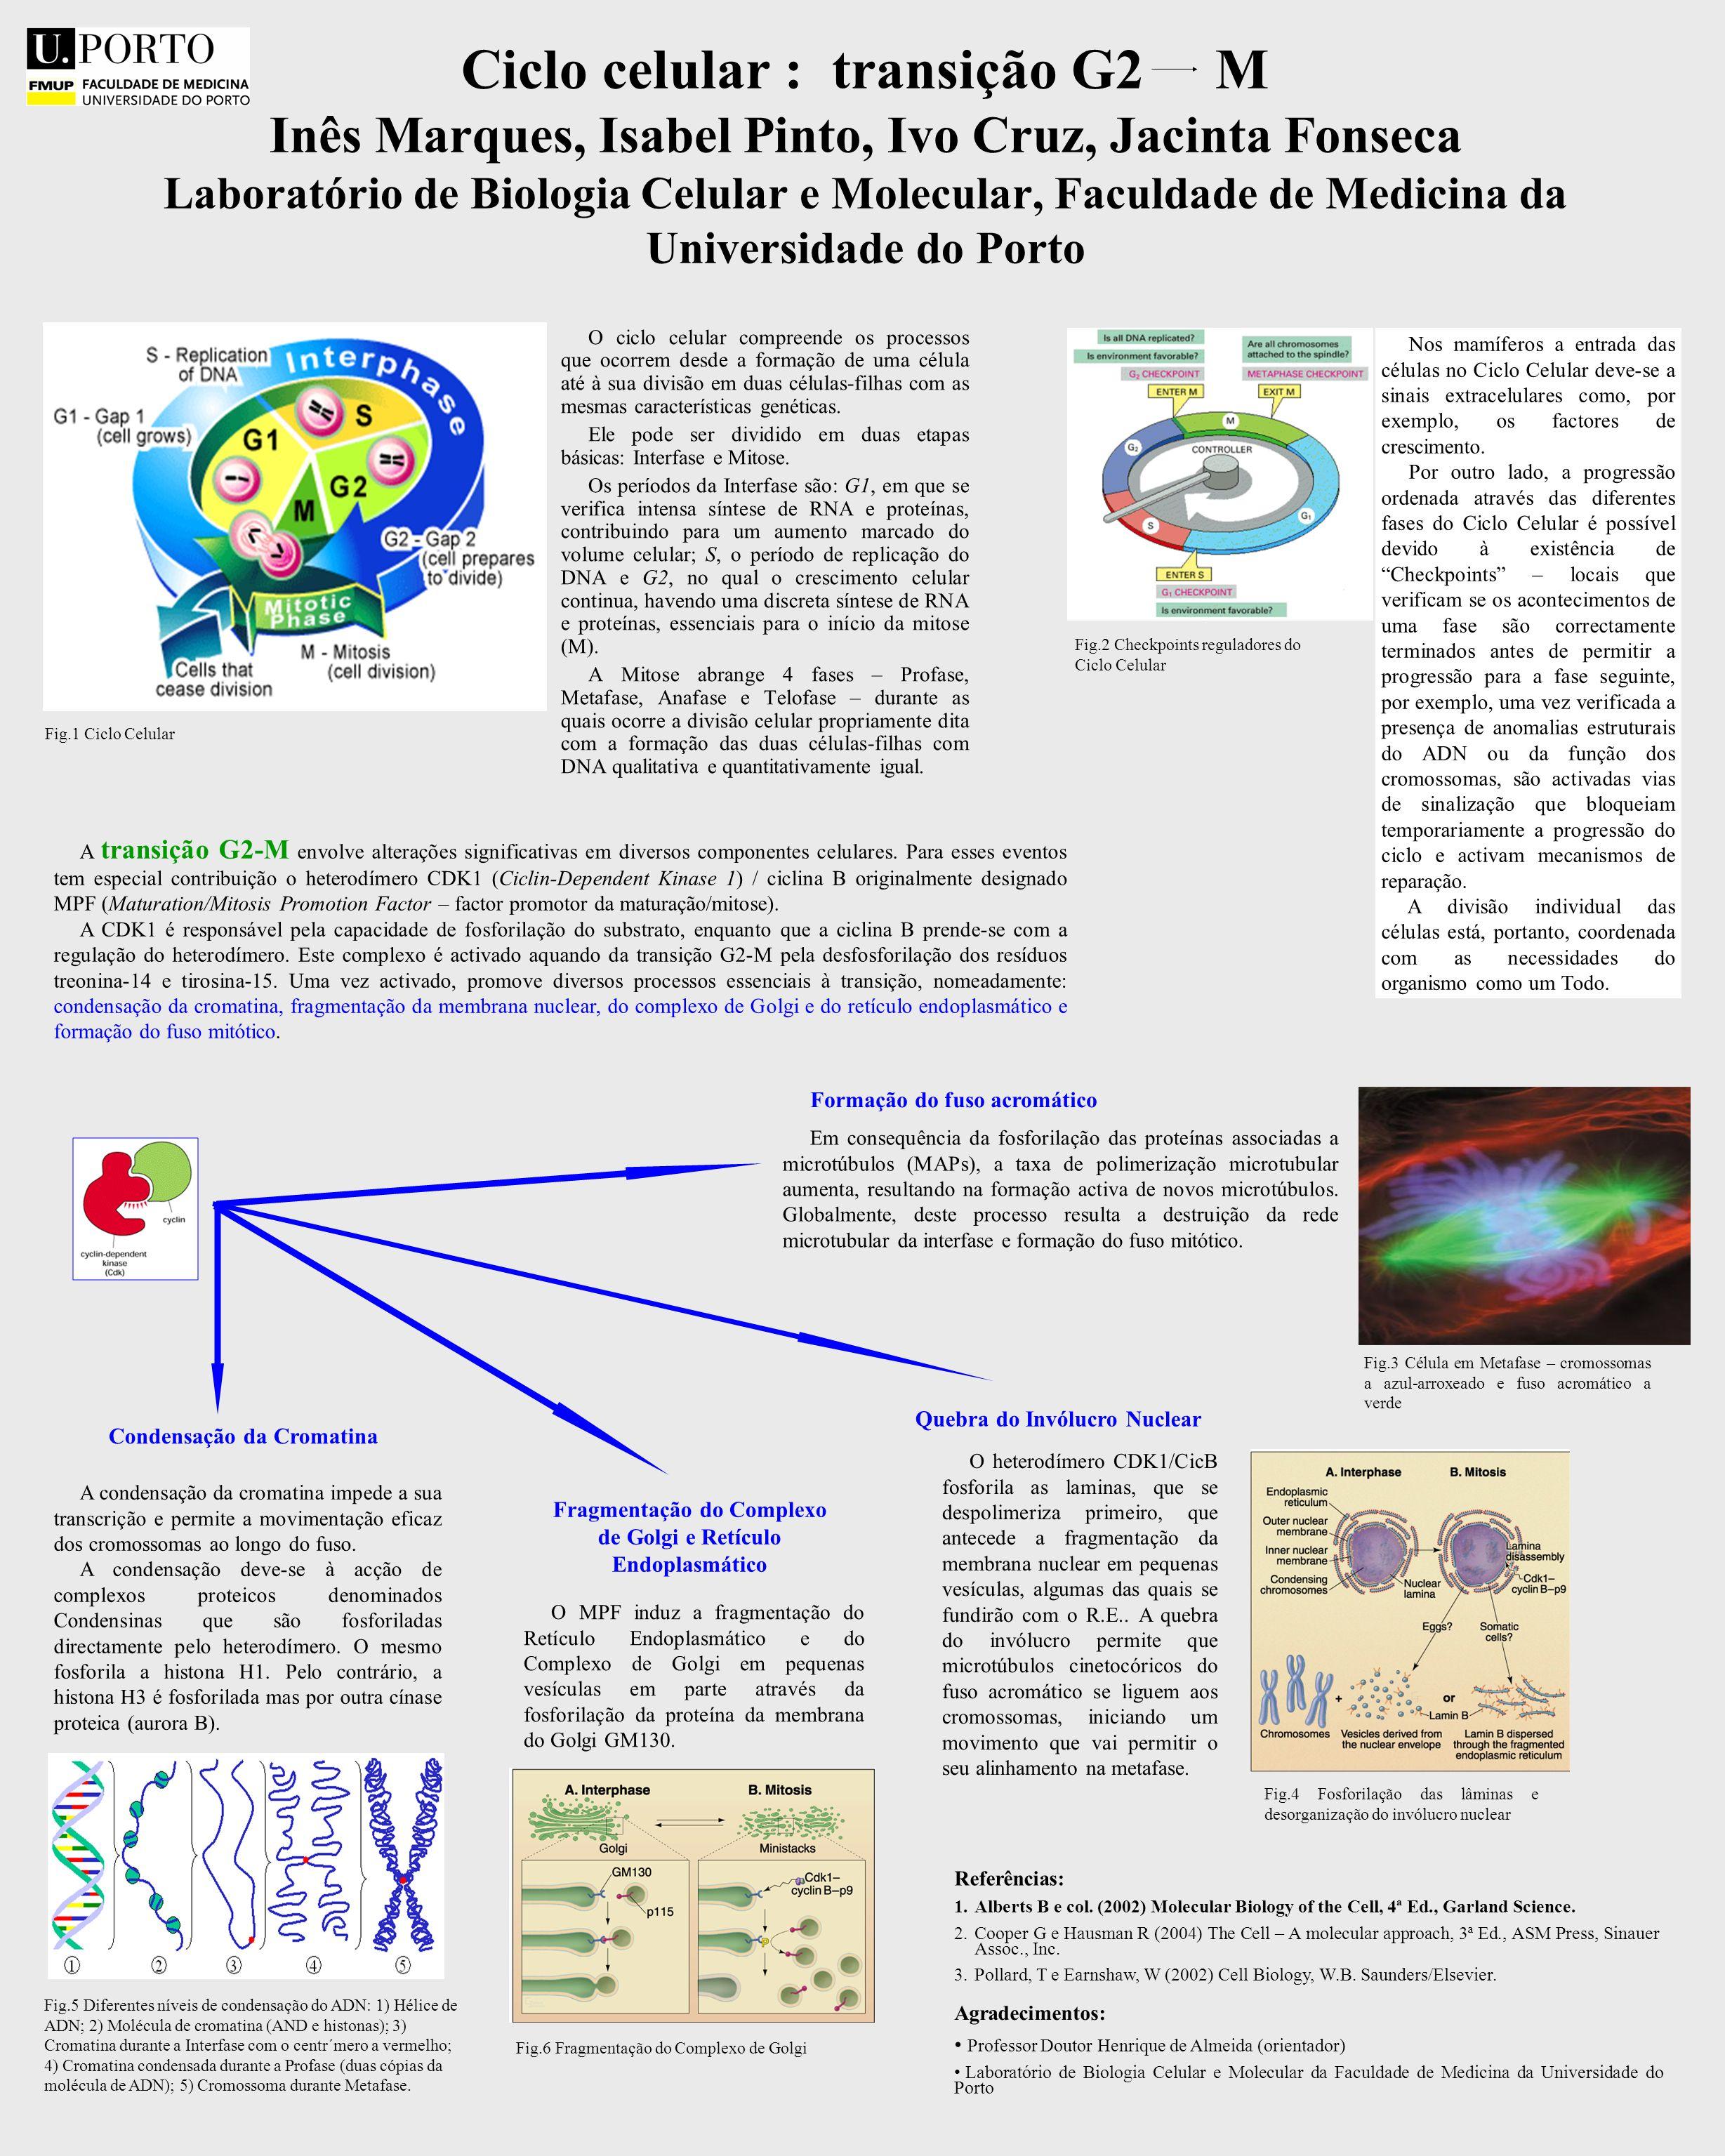 Ciclo celular : transição G2 M Inês Marques, Isabel Pinto, Ivo Cruz, Jacinta Fonseca Laboratório de Biologia Celular e Molecular, Faculdade de Medicina da Universidade do Porto